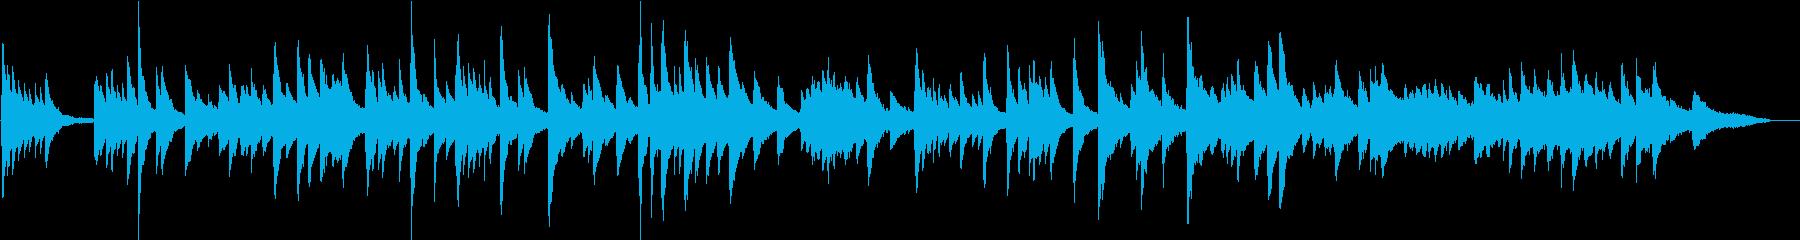 生演奏 切ないピアノ曲の再生済みの波形